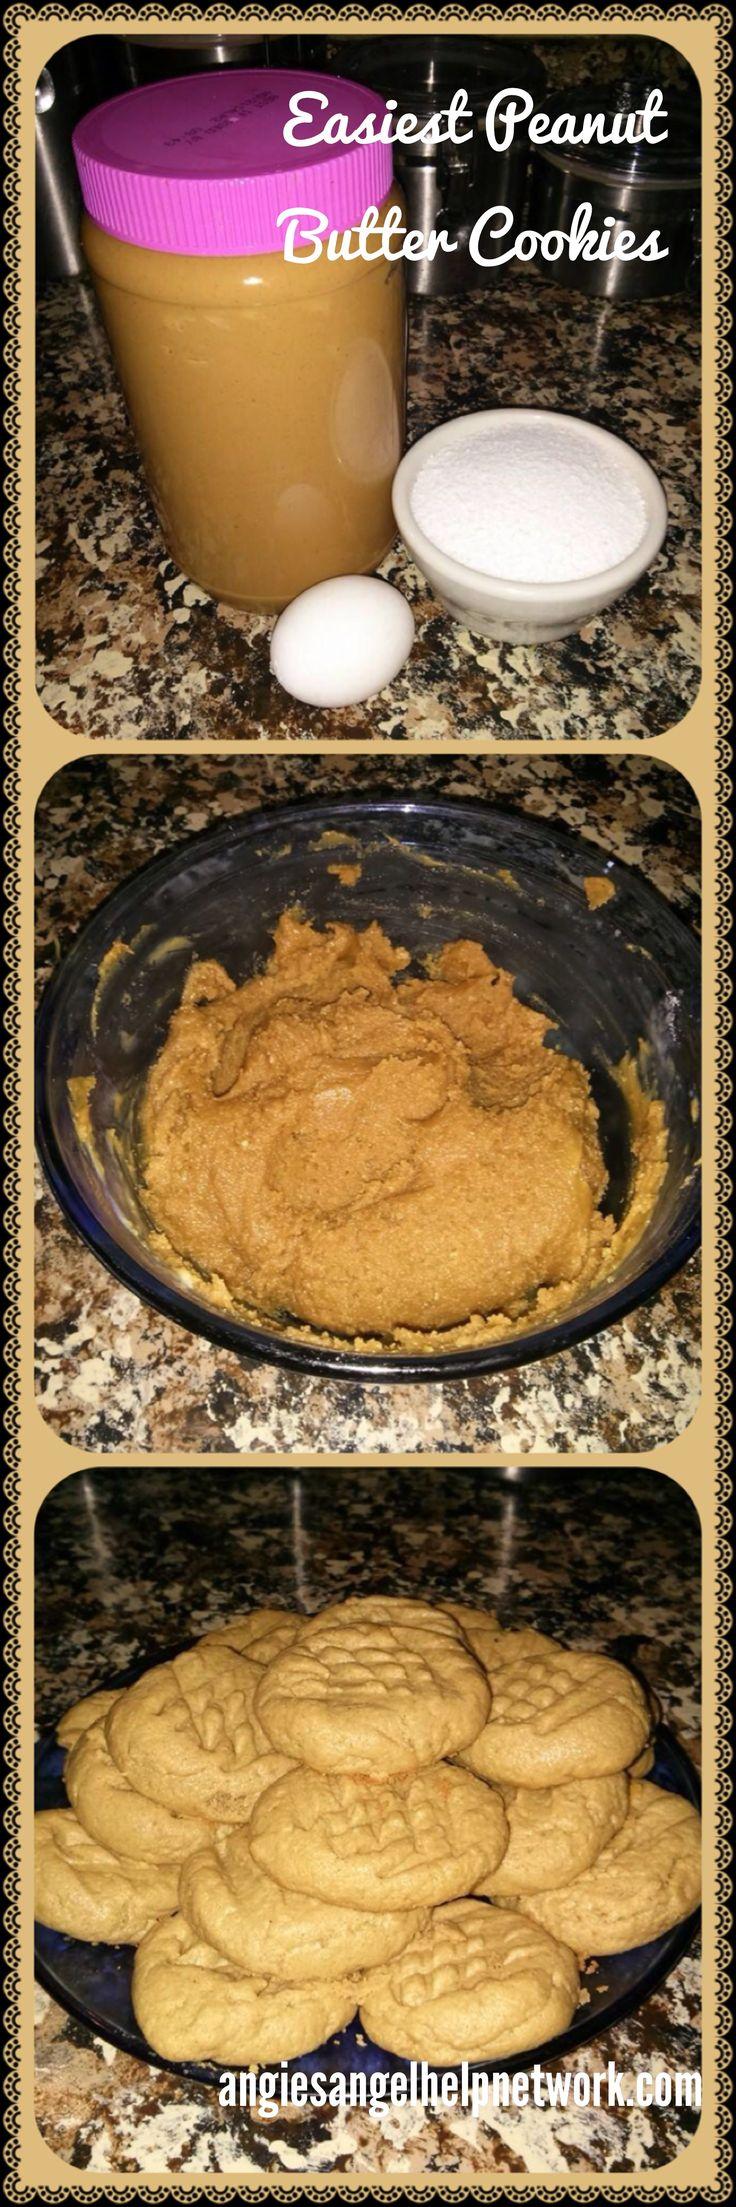 Easiest #PeanutButter #Cookies